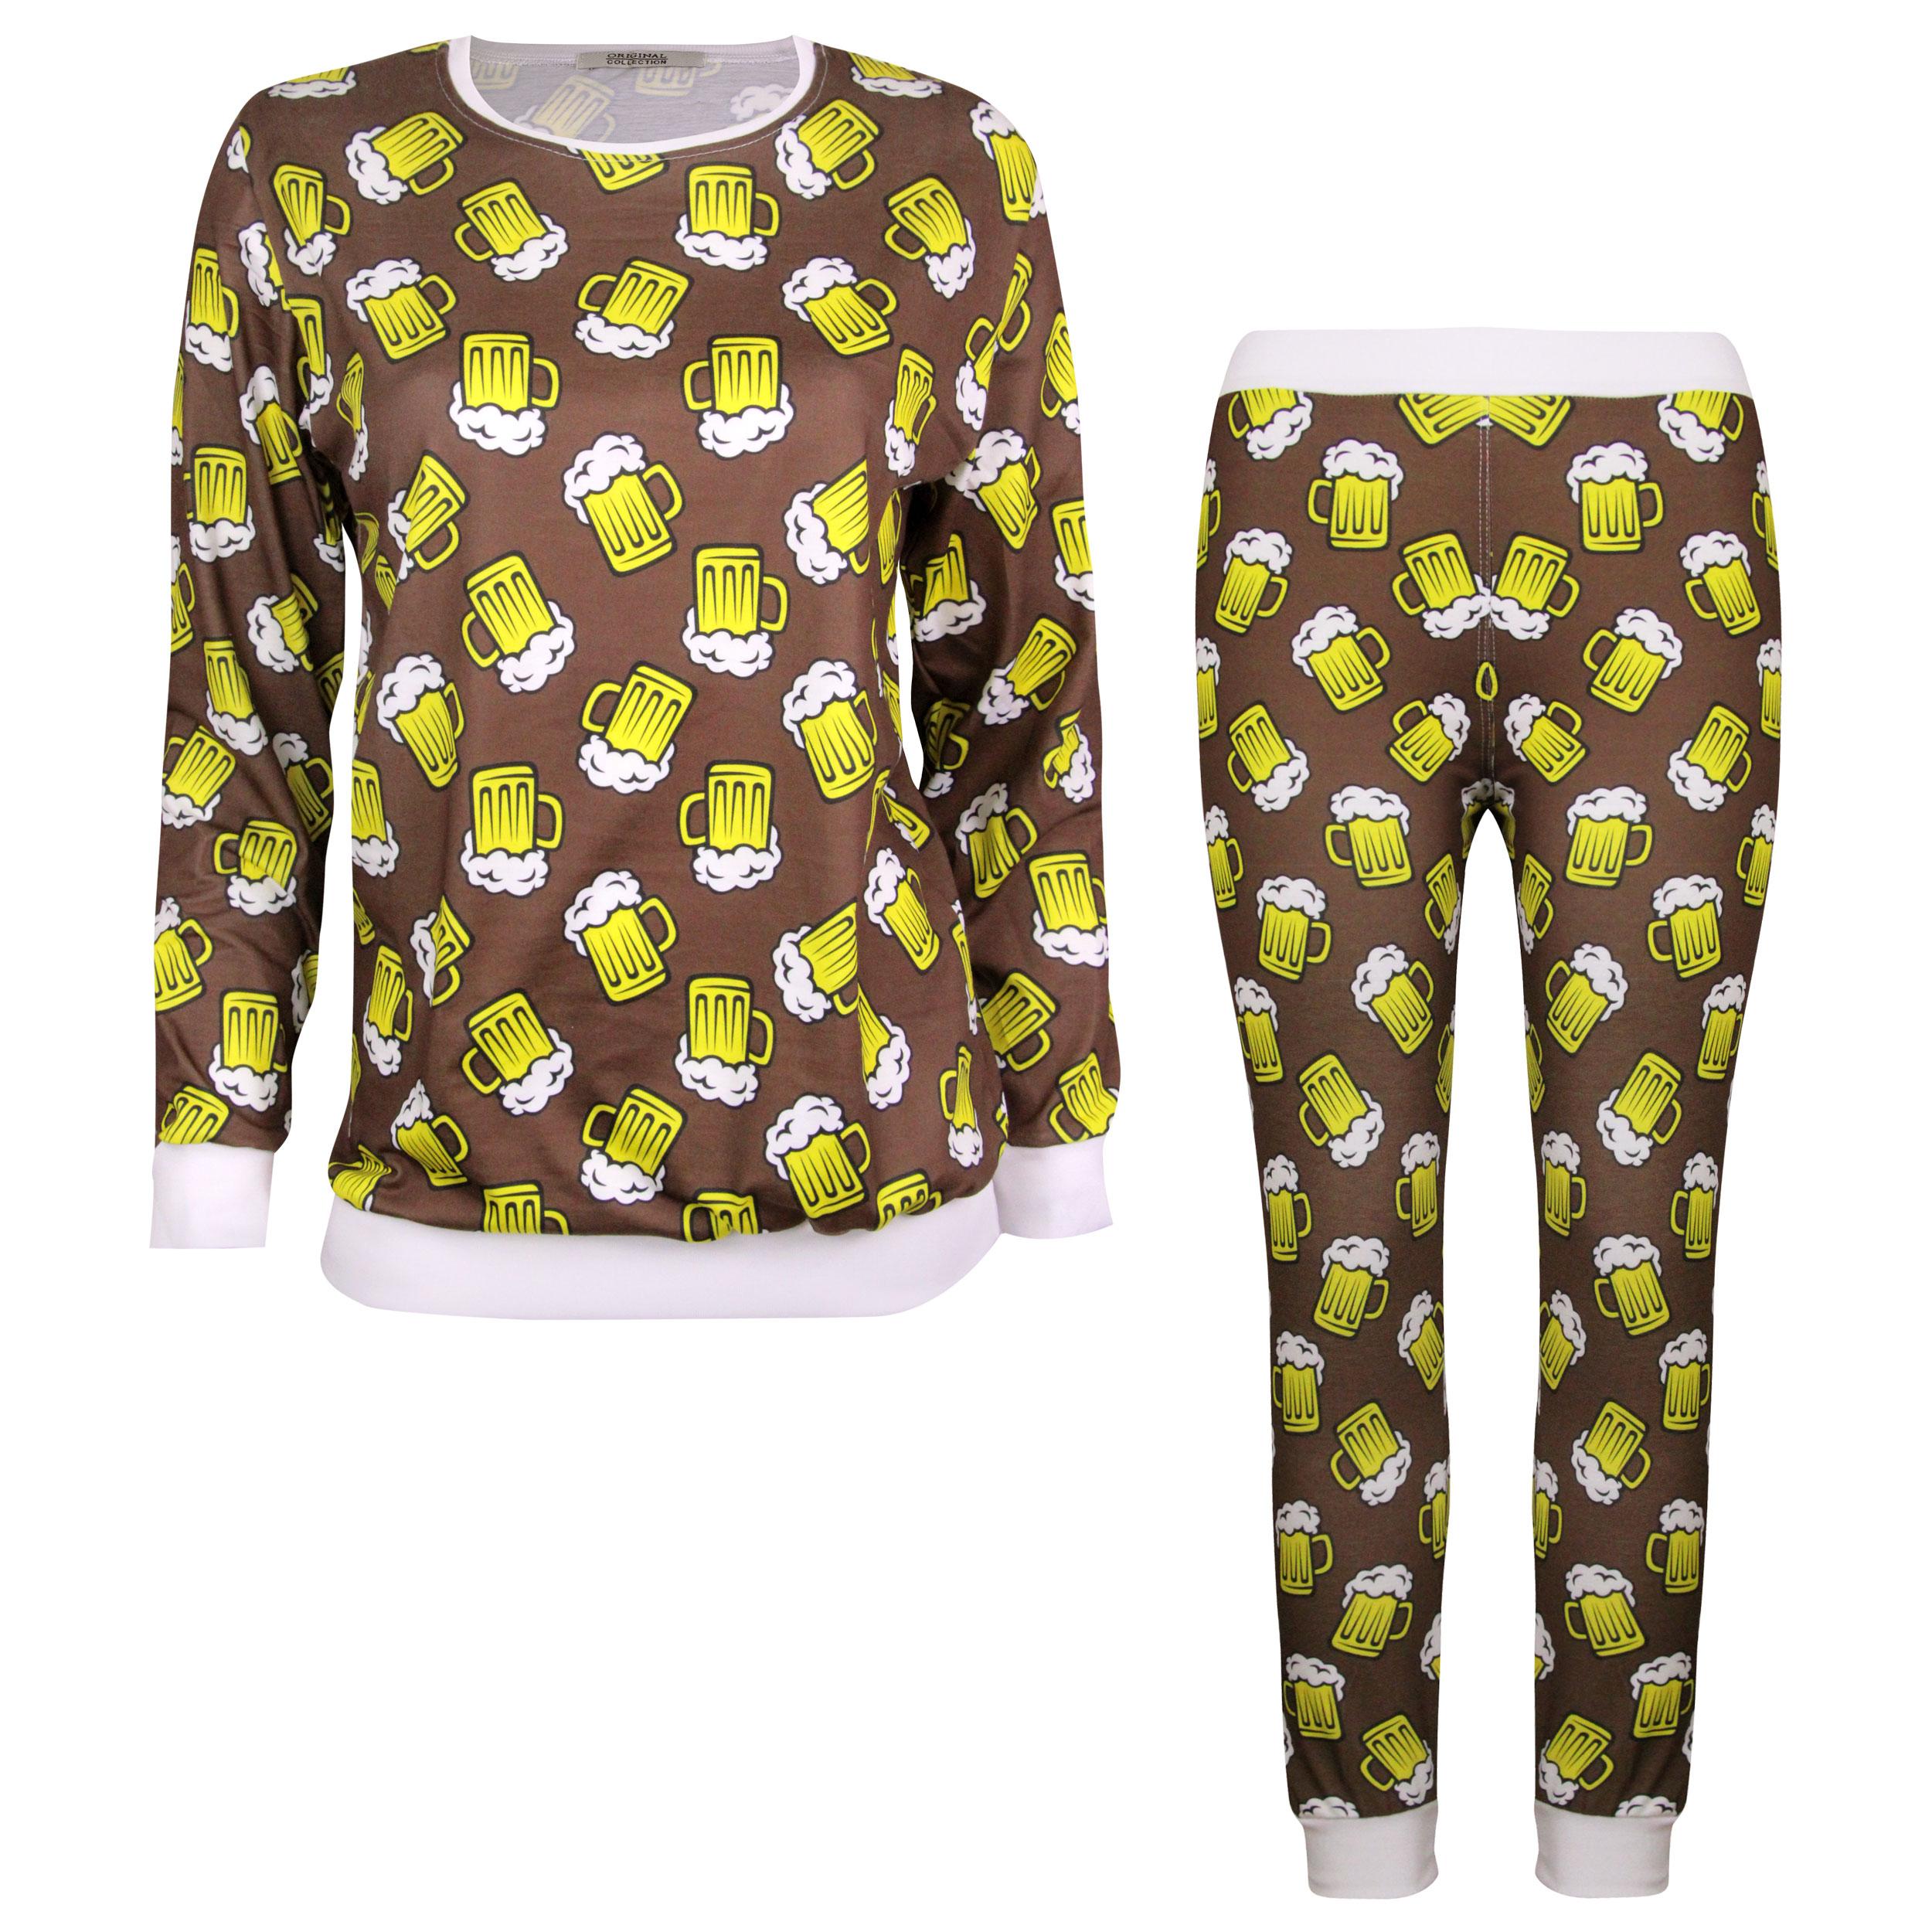 ست تی شرت و شلوار زنانه ماییلدا مدل 3587-2